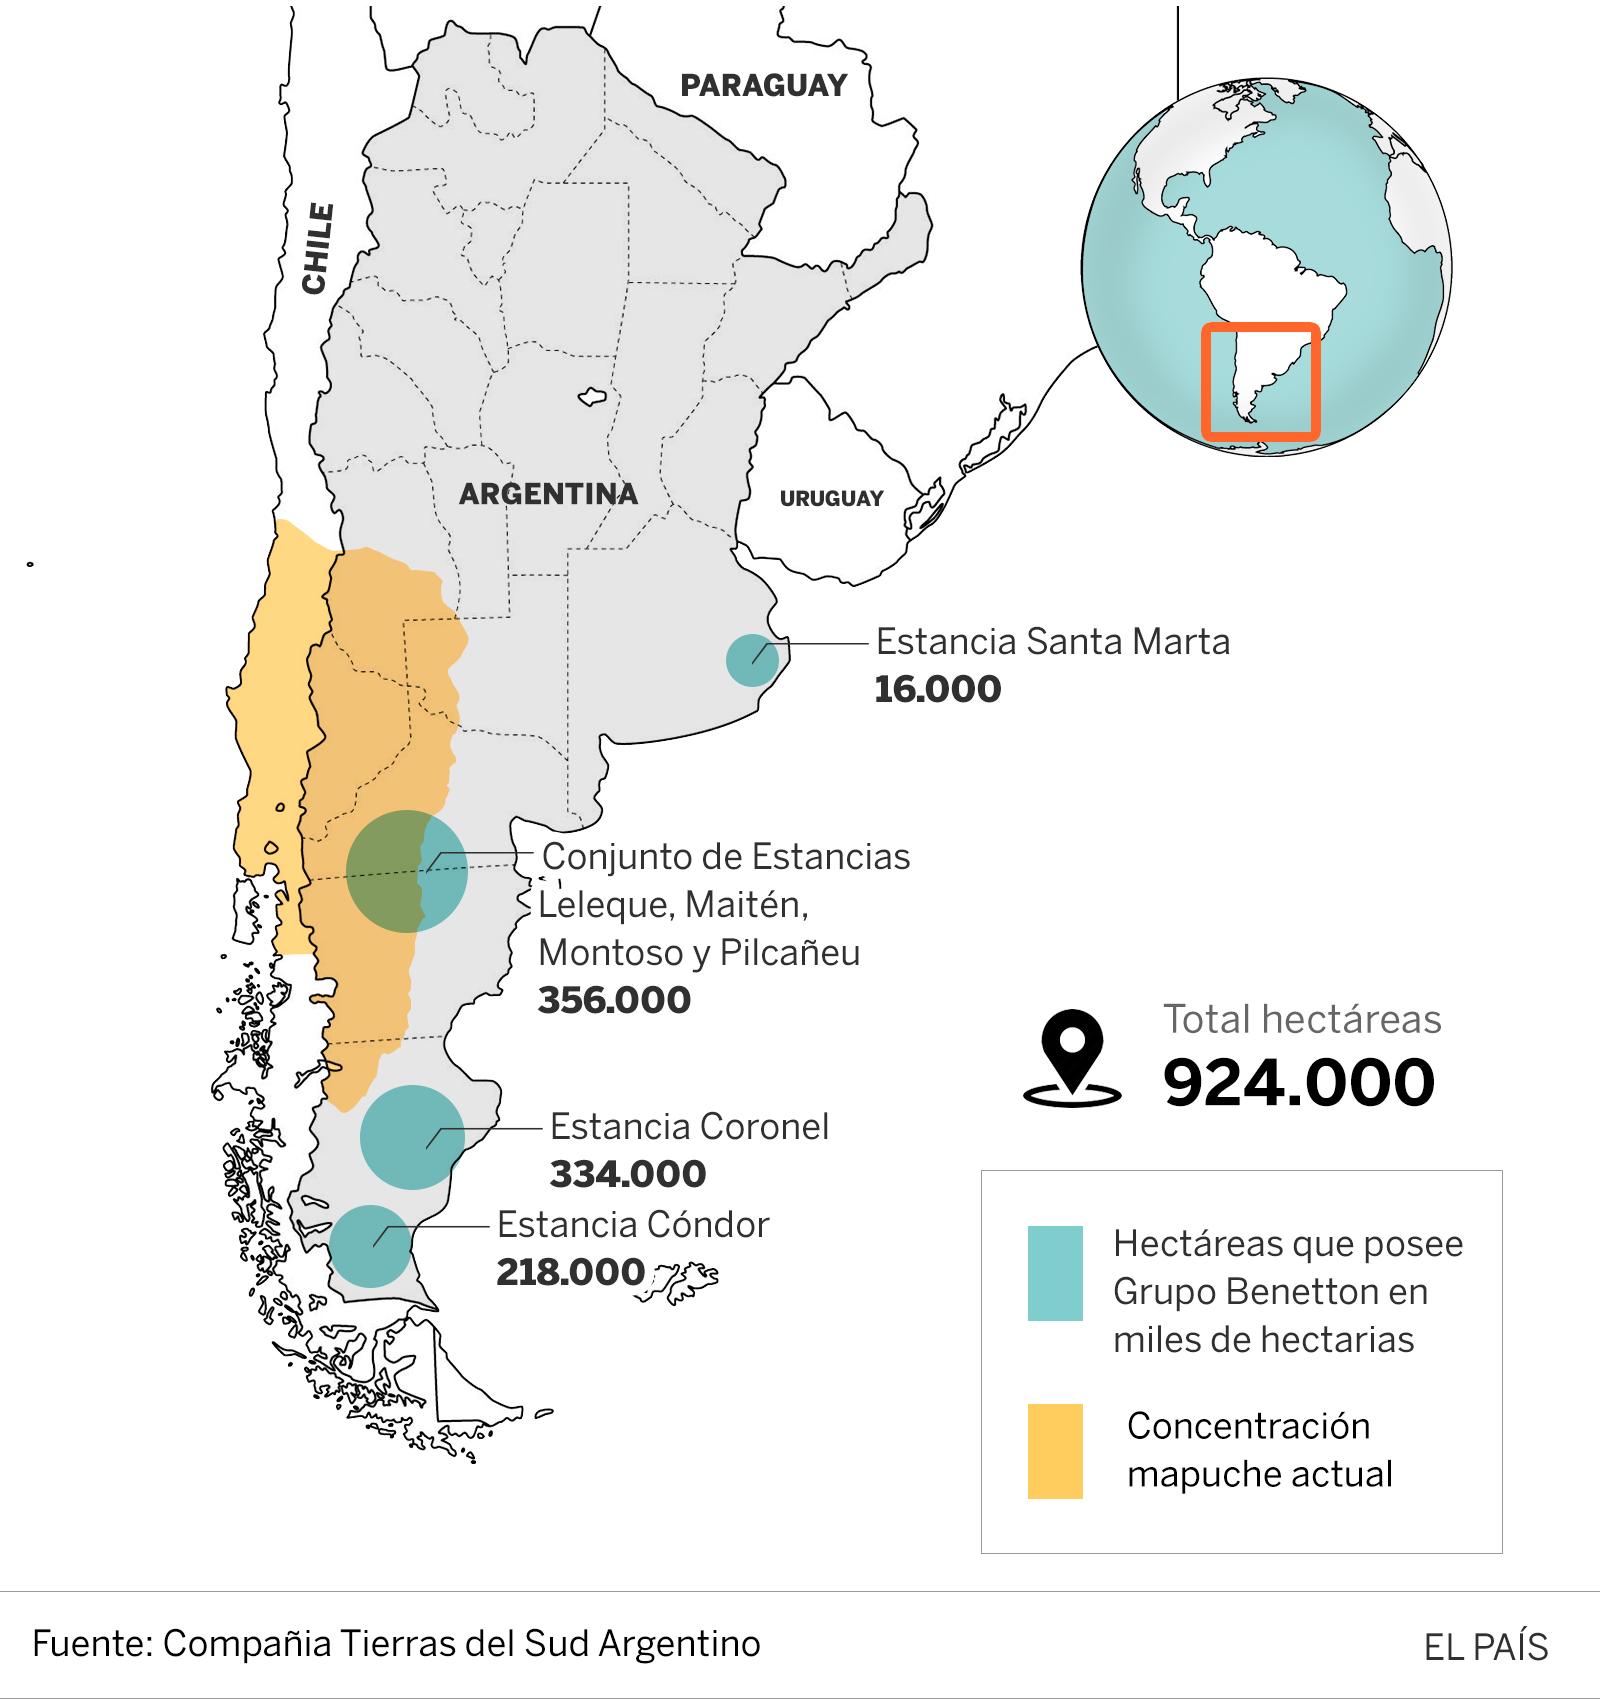 benetton y los mapuches batalla sin fin en la patagonia